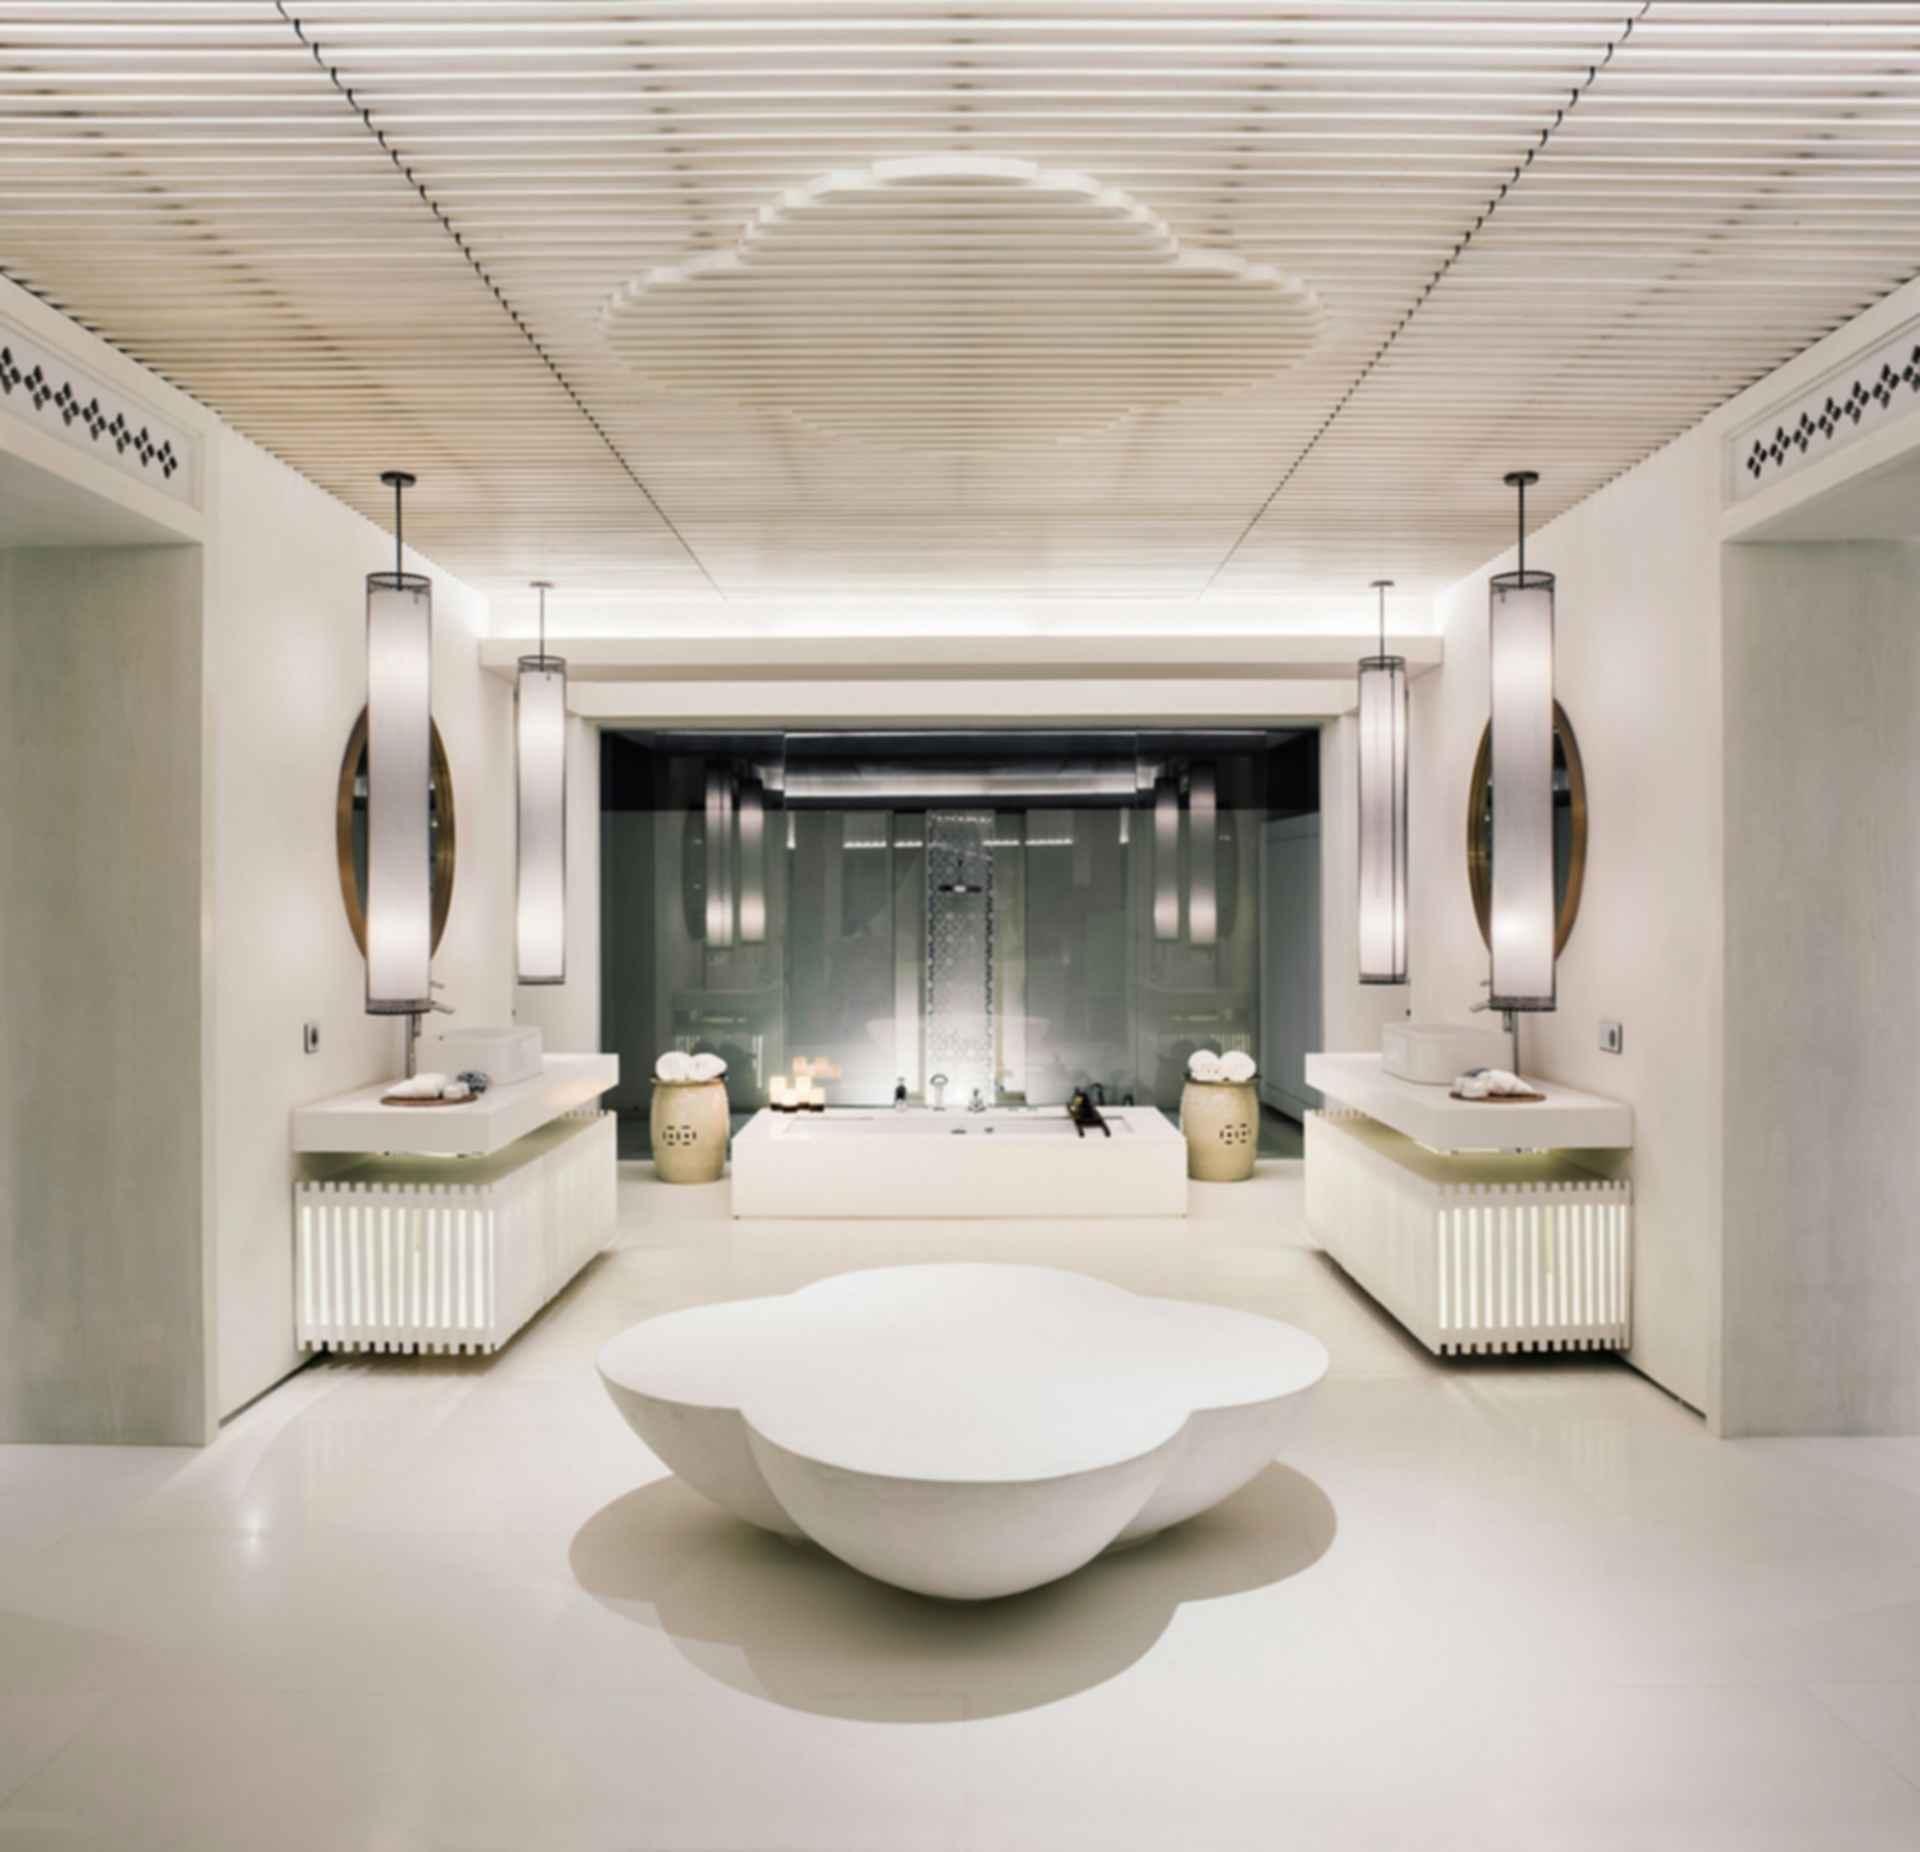 Honeymoon Private Island Presidential Suite - Bathroom